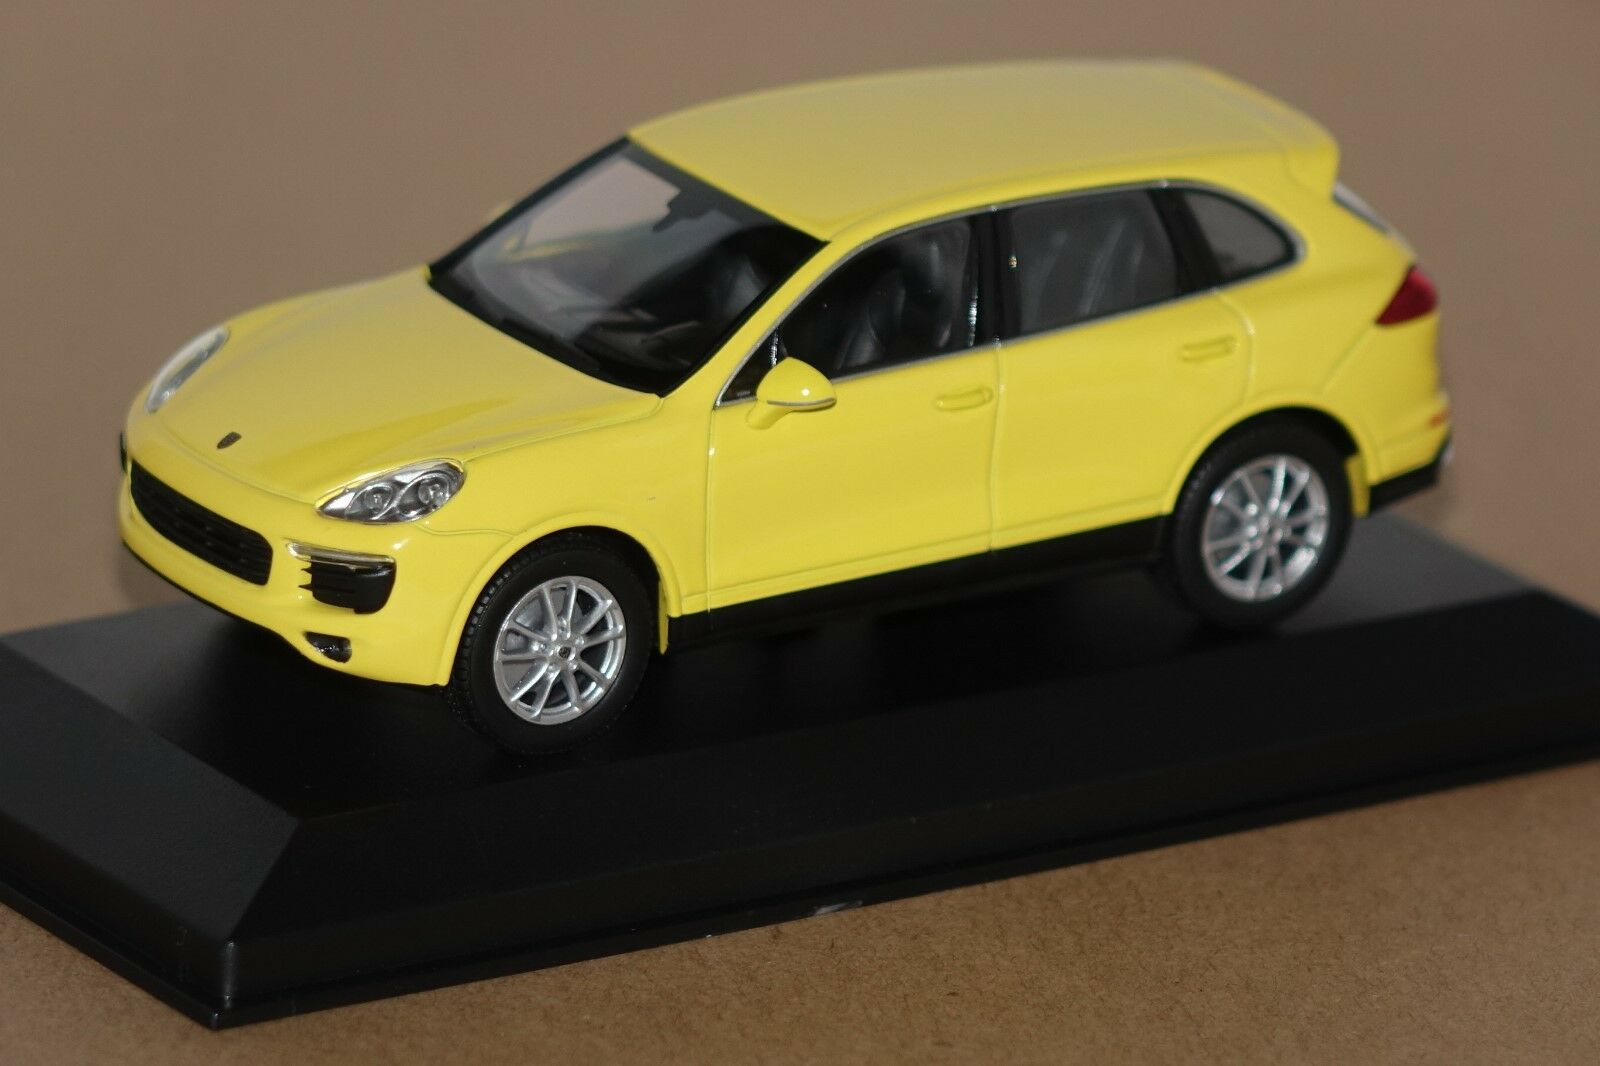 Porsche Cayenne 2014 jaune 1 43 maxichamps NOUVEAU & OVP 940063201